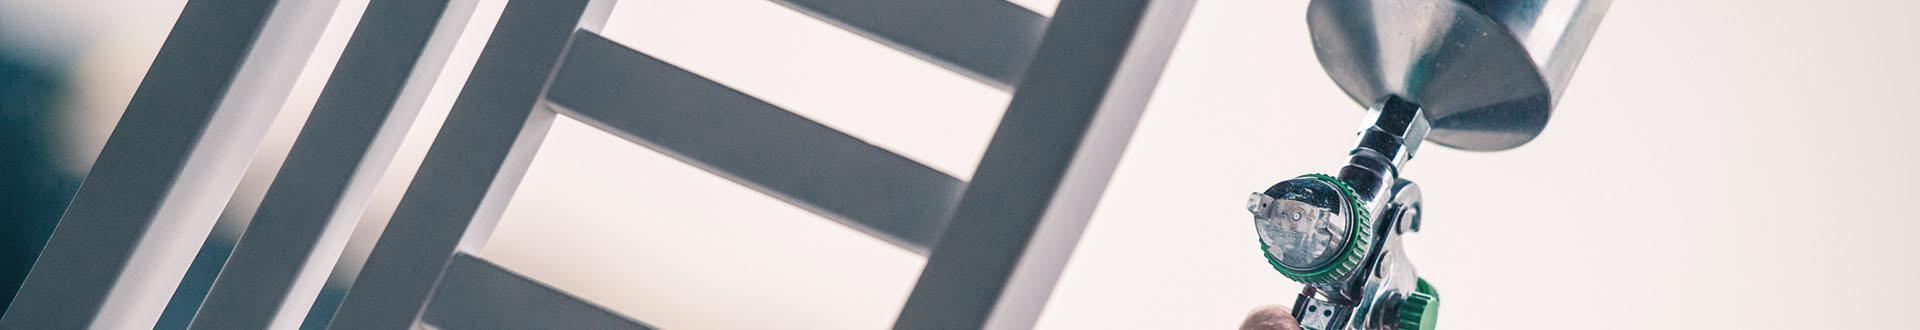 Banner - kontakt, malowanie krzeseł urządzeniem